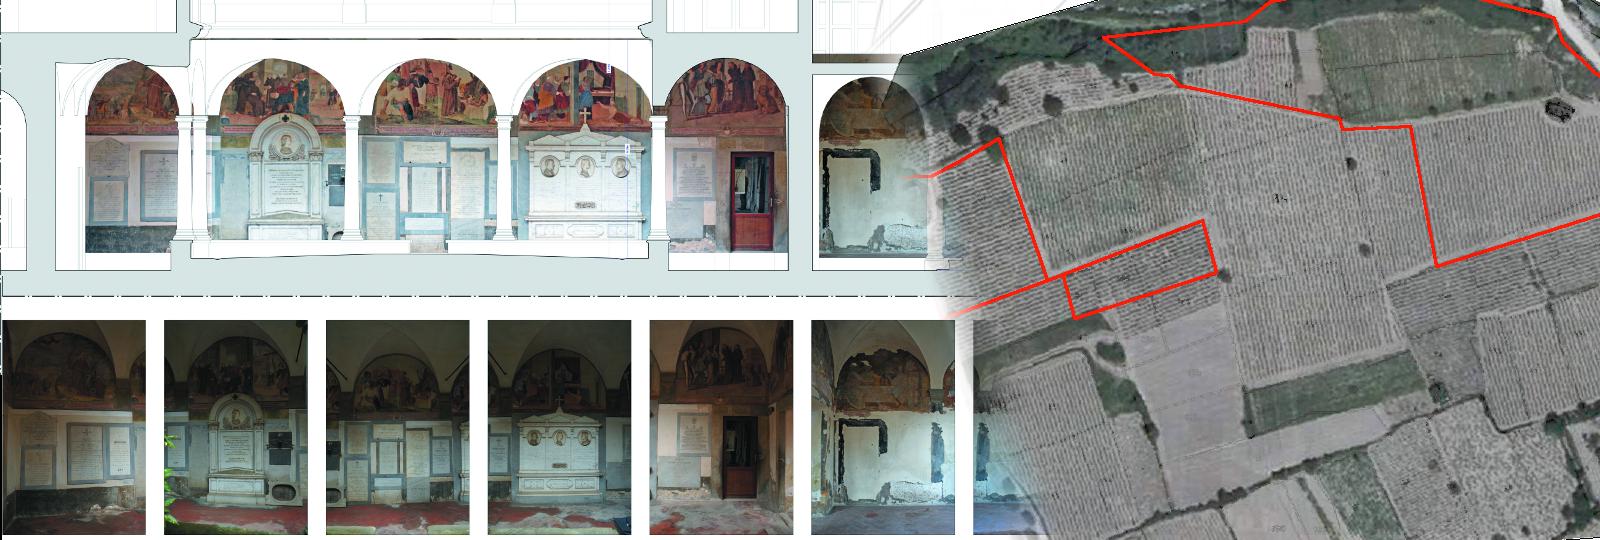 Convento-di-Giaccherino-2